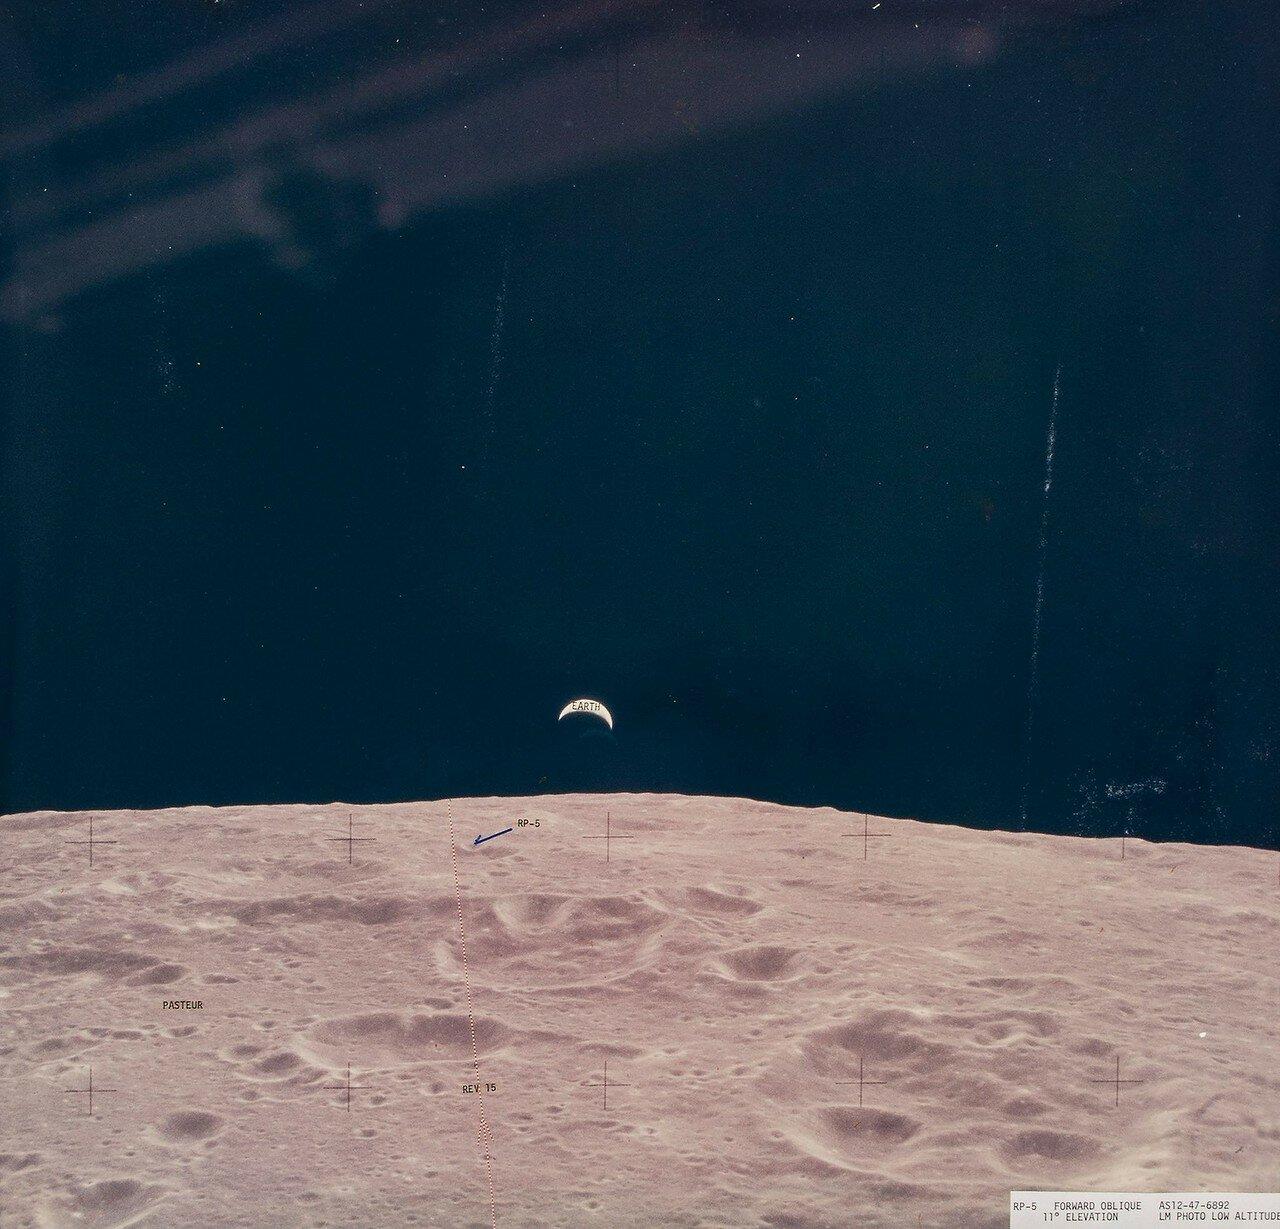 Двигатель посадочной ступени лунного модуля был включён в 108 часов 42 минуты 29 секунд полётного времени. На снимке: Ориентиры для Аполлона 14